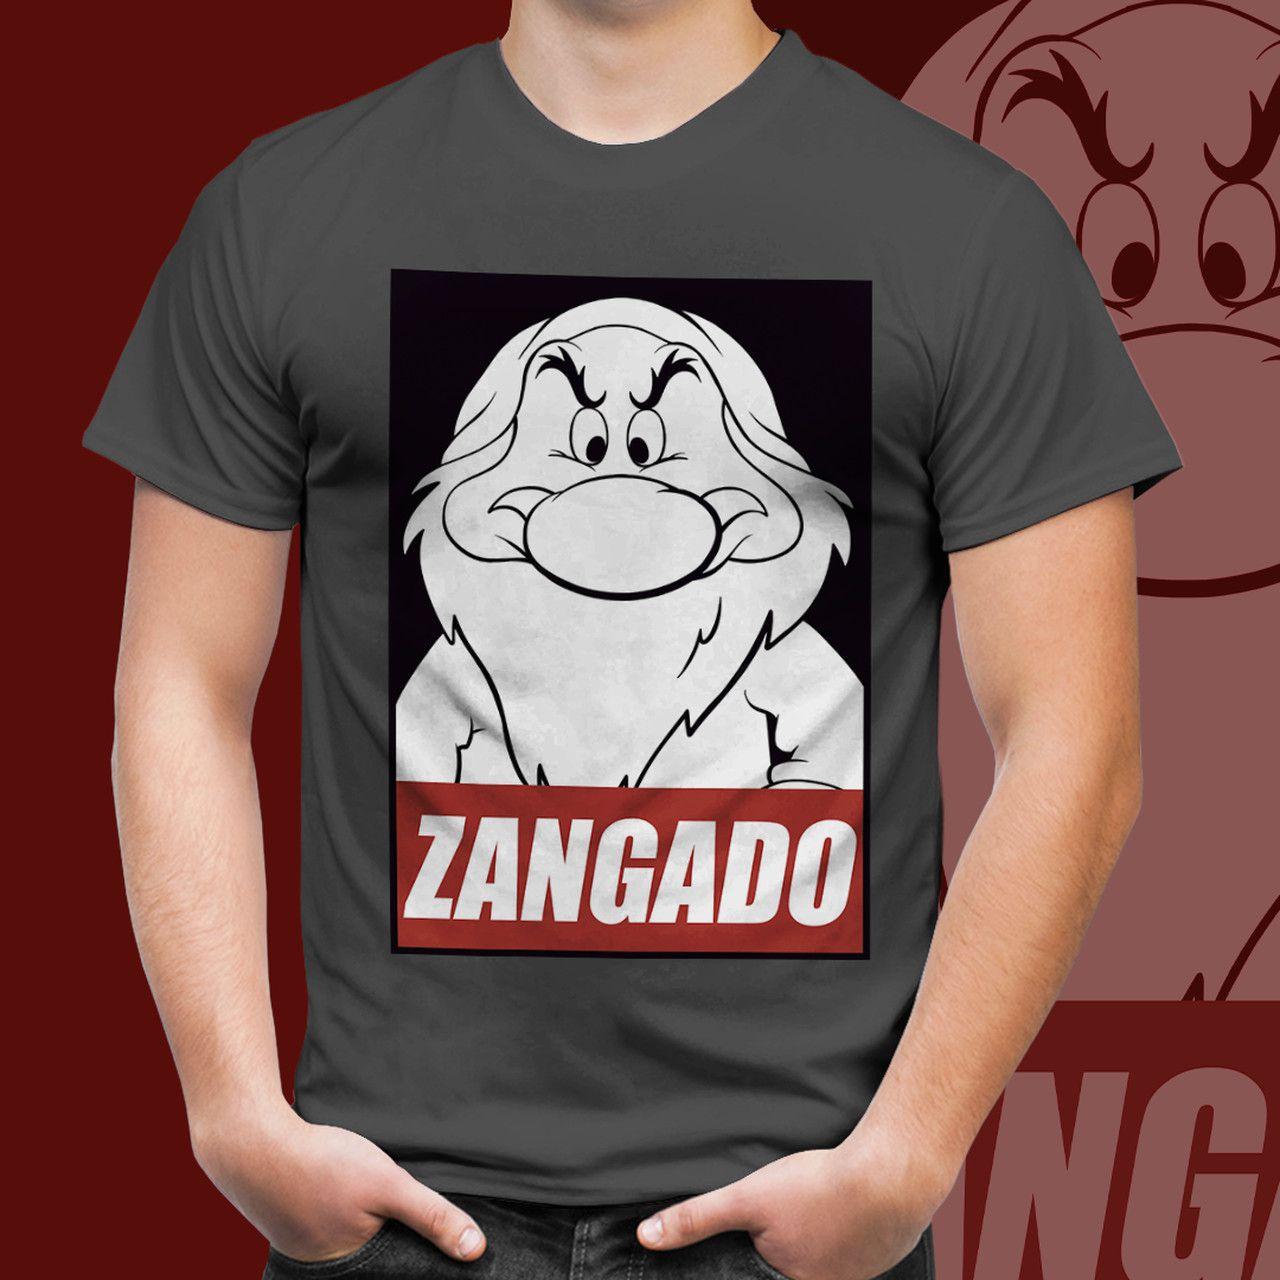 Camiseta Unissex Zangado (Grumpy): Branca de Neve e os Sete Anões (Snow White and the Seven Dwarfs)